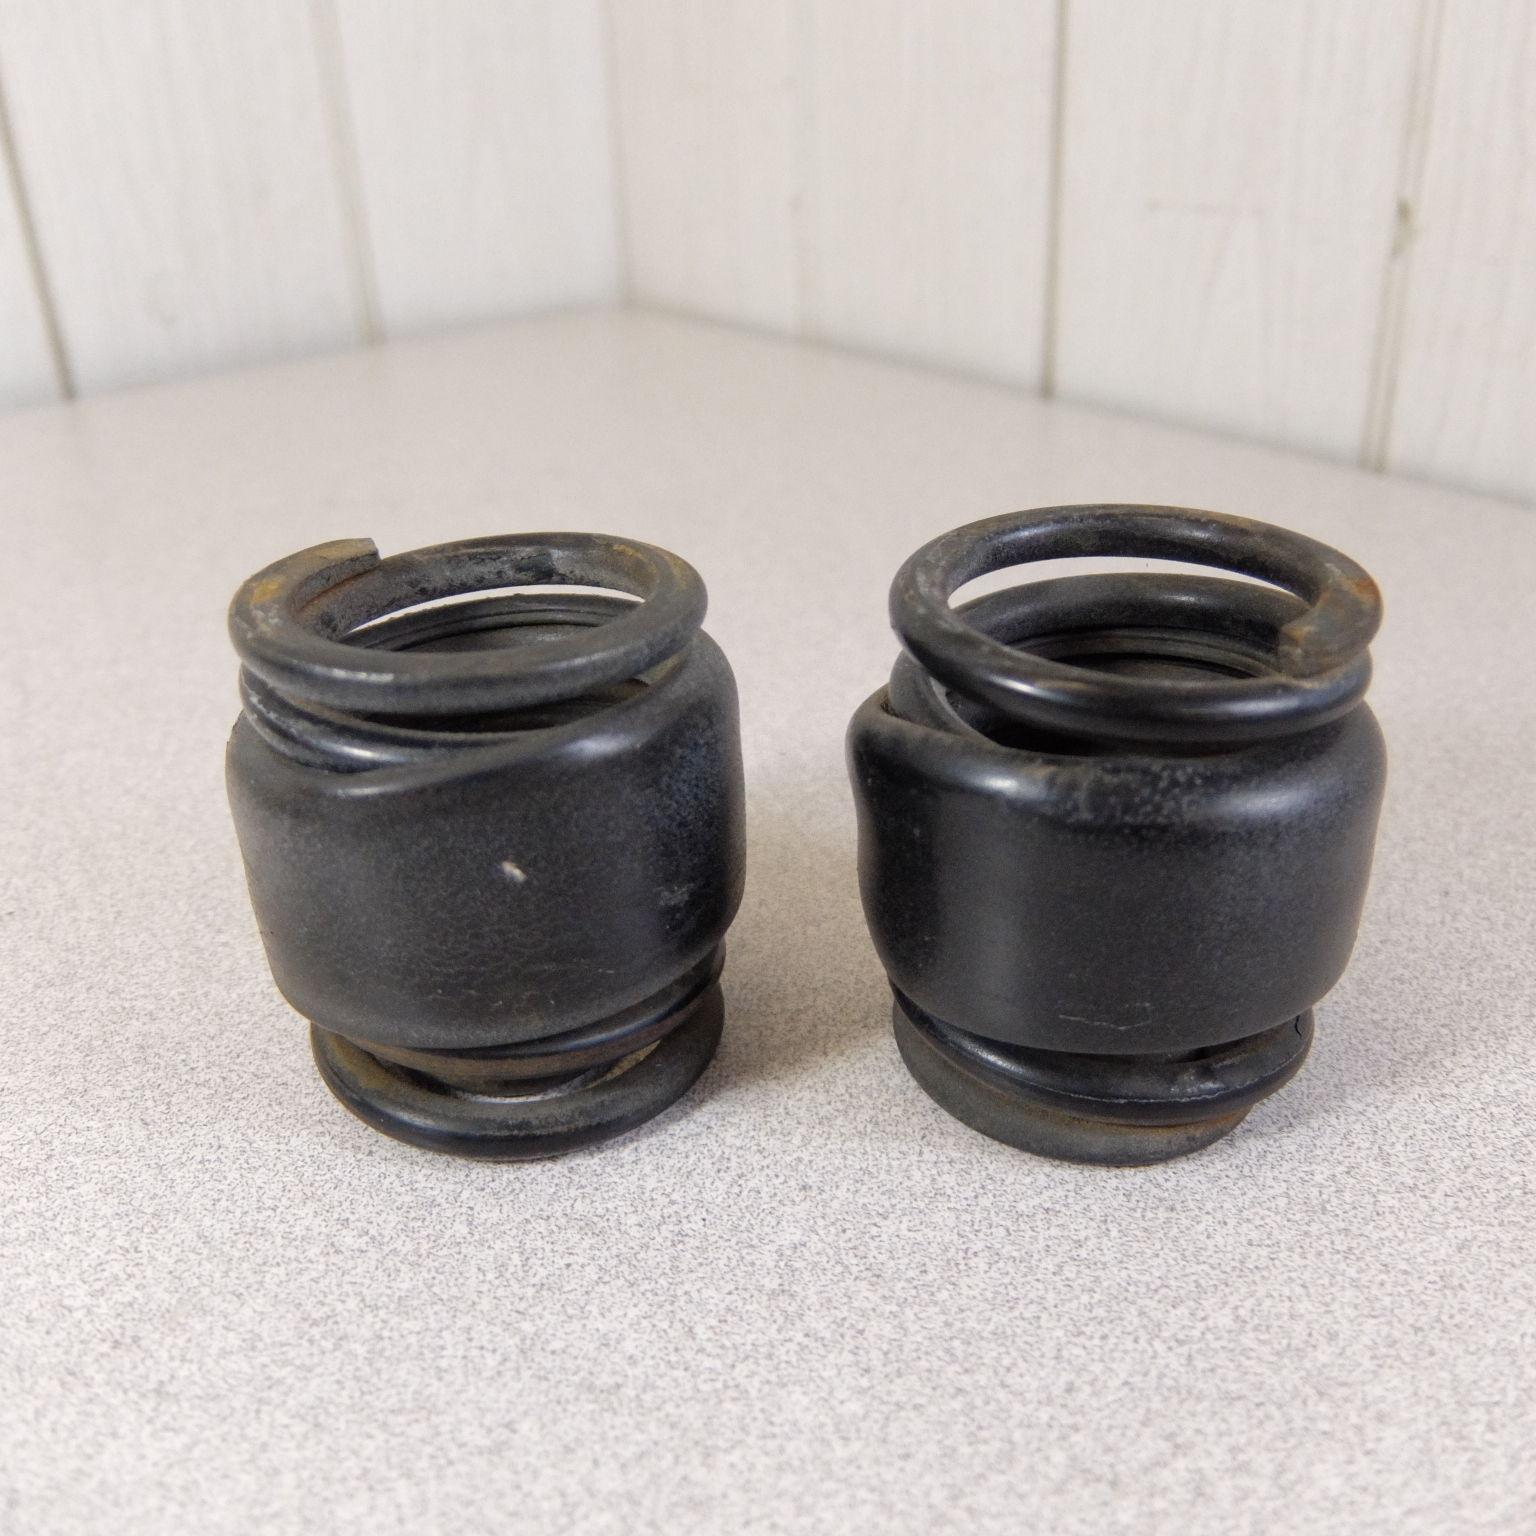 W10239968 Whirlpool Washer Strike Asm Lid Gls Wh OEM W10239968